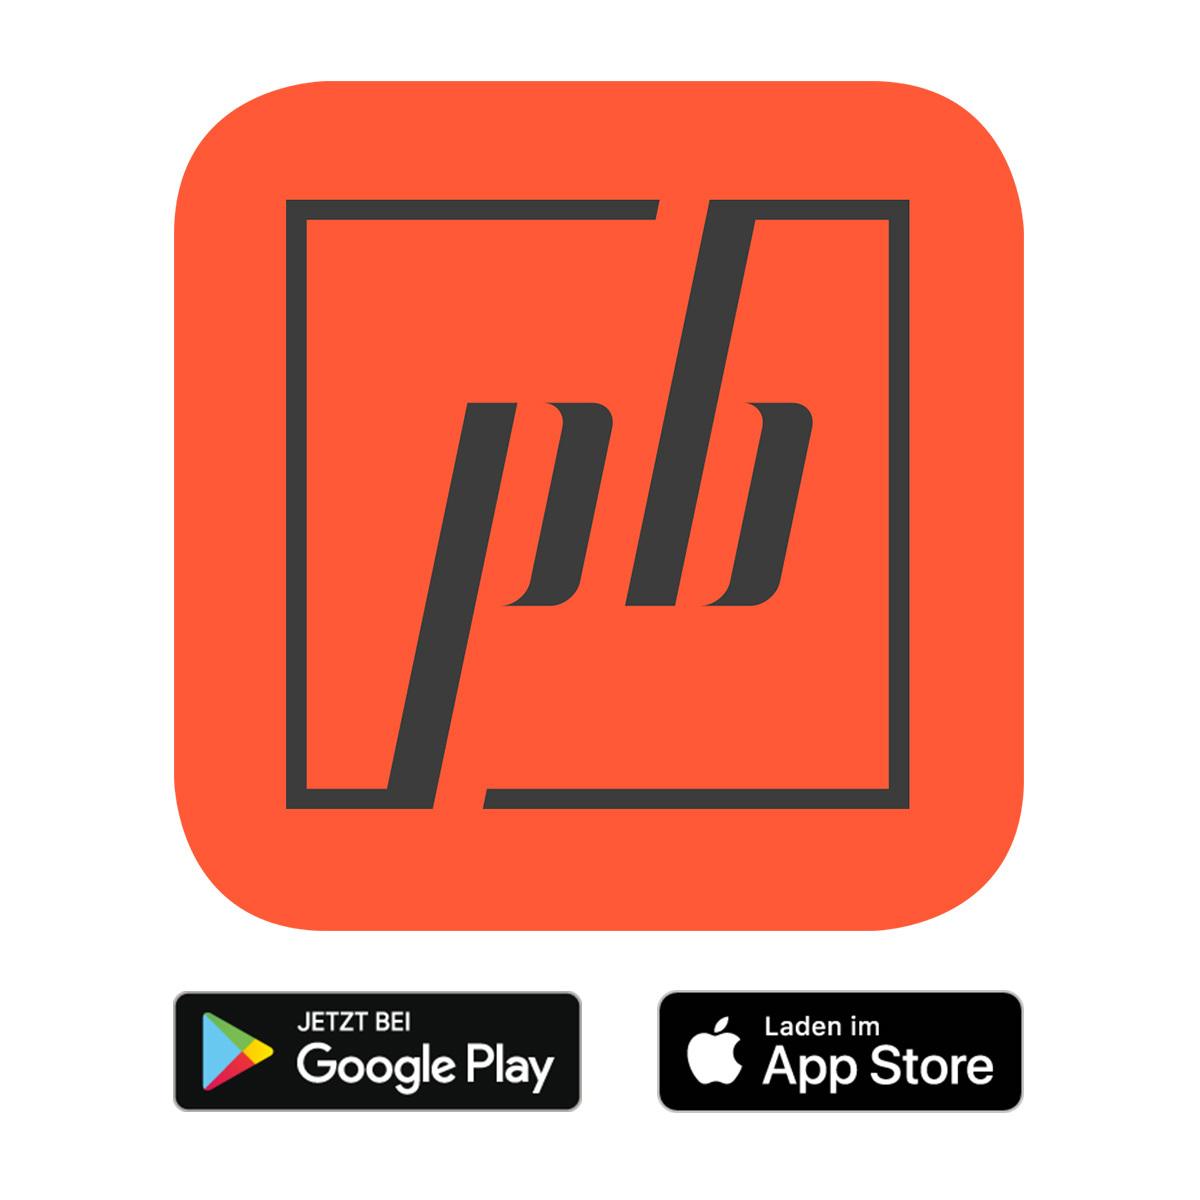 3258e7c5f89d6 Dein «digitales prozentbuch 2018 19» kannst du direkt in der App kaufen und  danach alle darin enthaltenen Gutscheine bequem und unkompliziert per  Smartphone ...